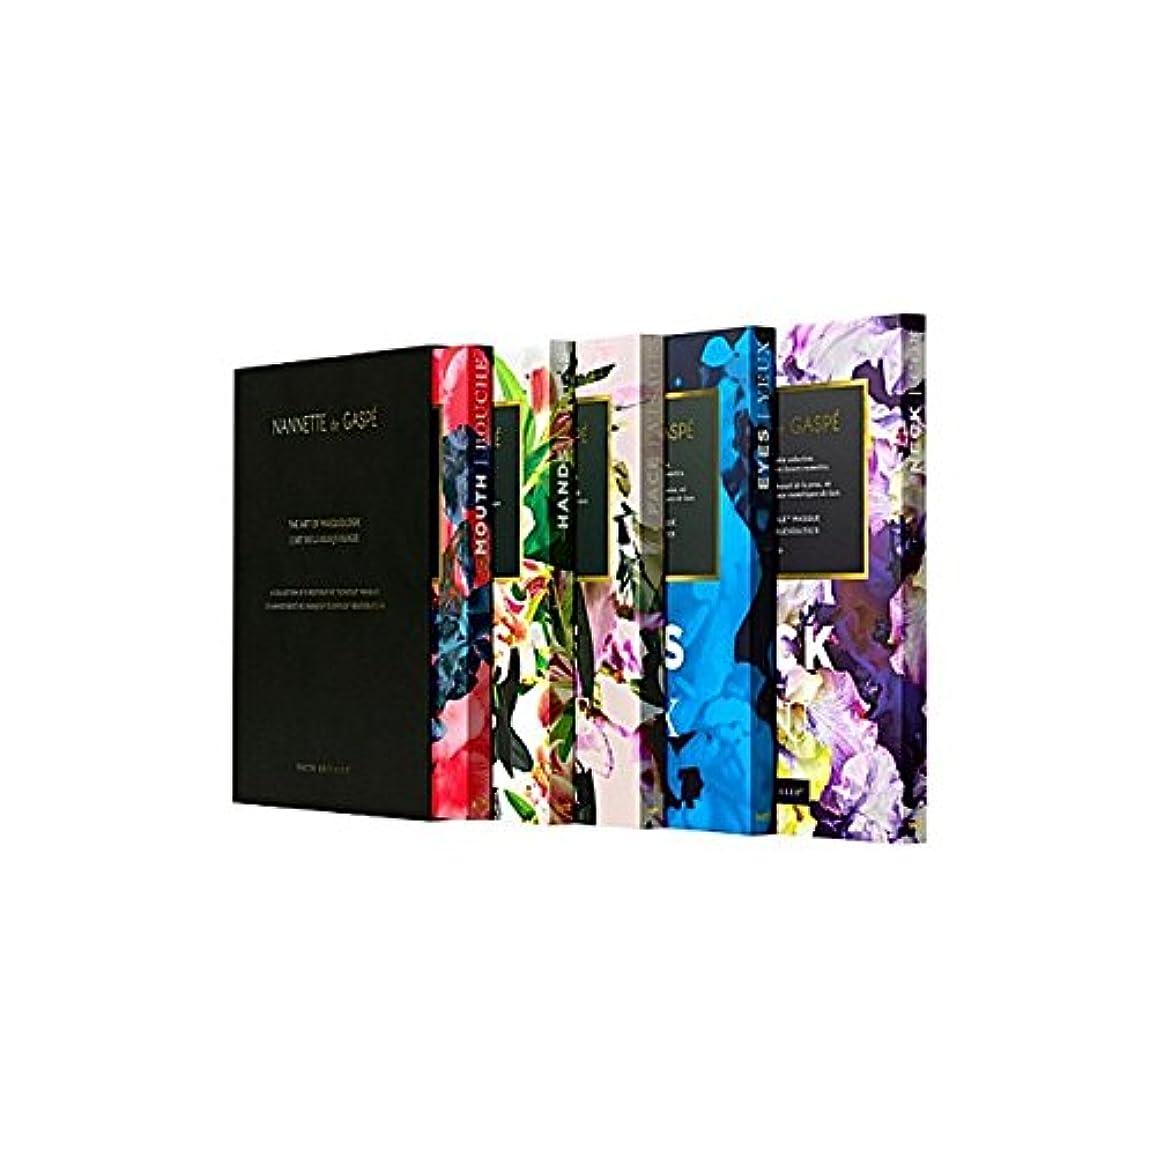 遺棄された休戦支払うデガスペ修復仮面劇コフレ x4 - Nannette De Gaspe Restorative Techstile Masque Coffret (Pack of 4) [並行輸入品]